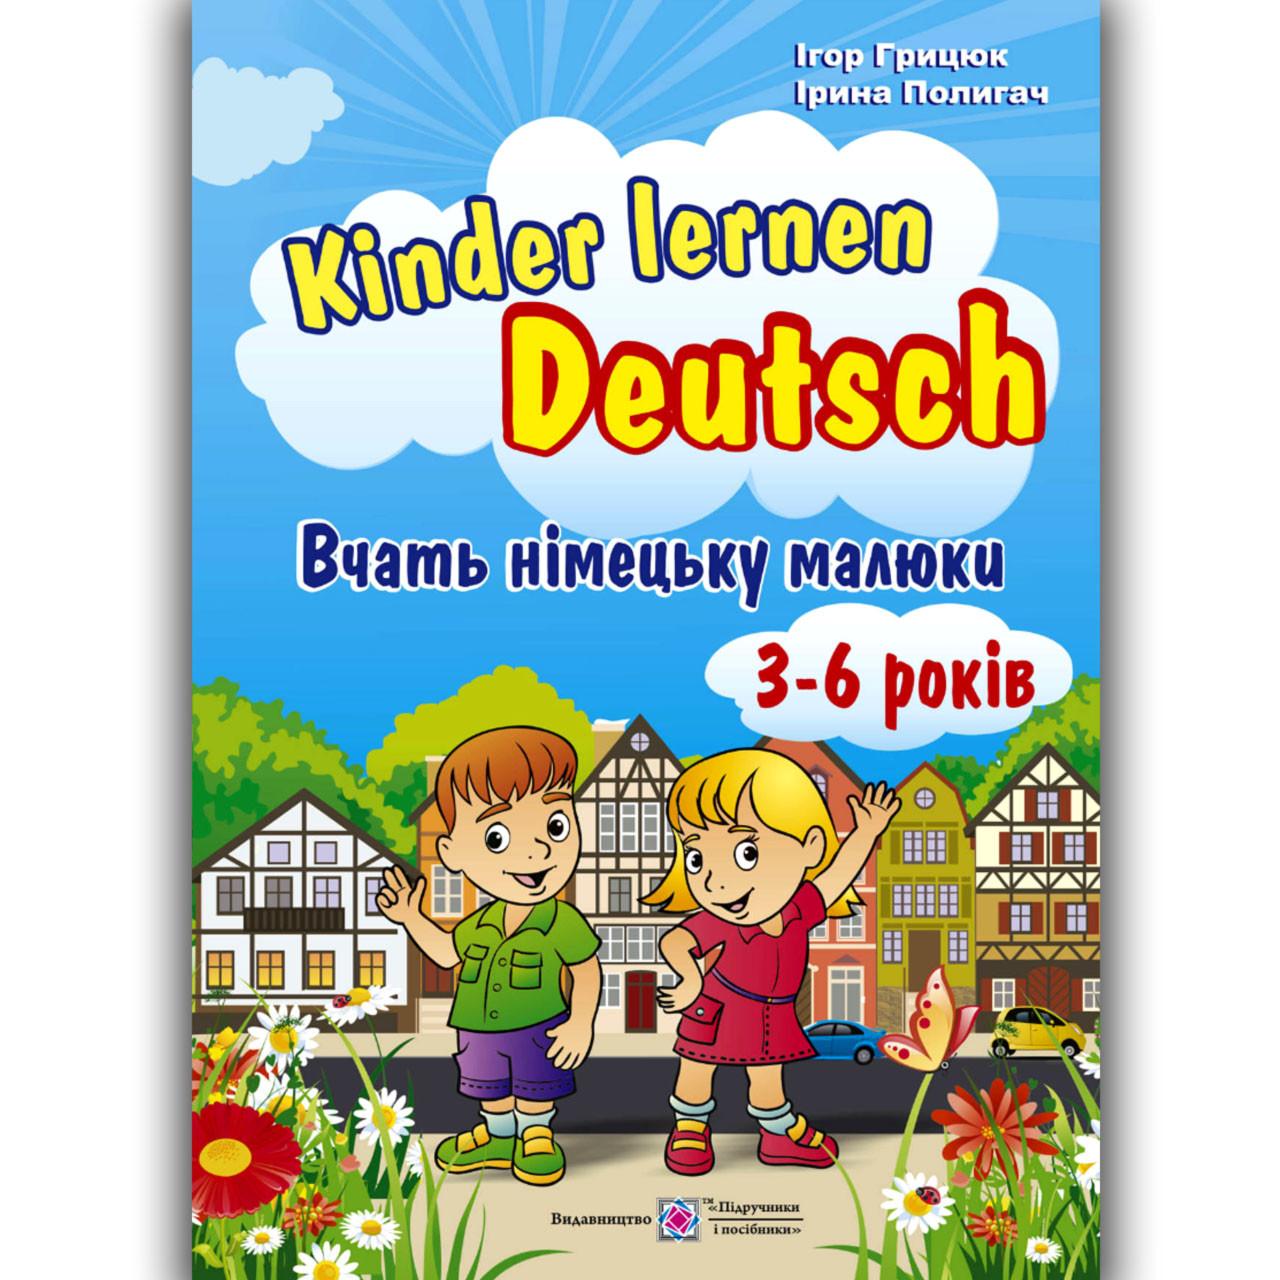 Вчать німецьку малюки Для дітей 3-6 років Авт: Грицюк І. Вид: Підручники і Посібники